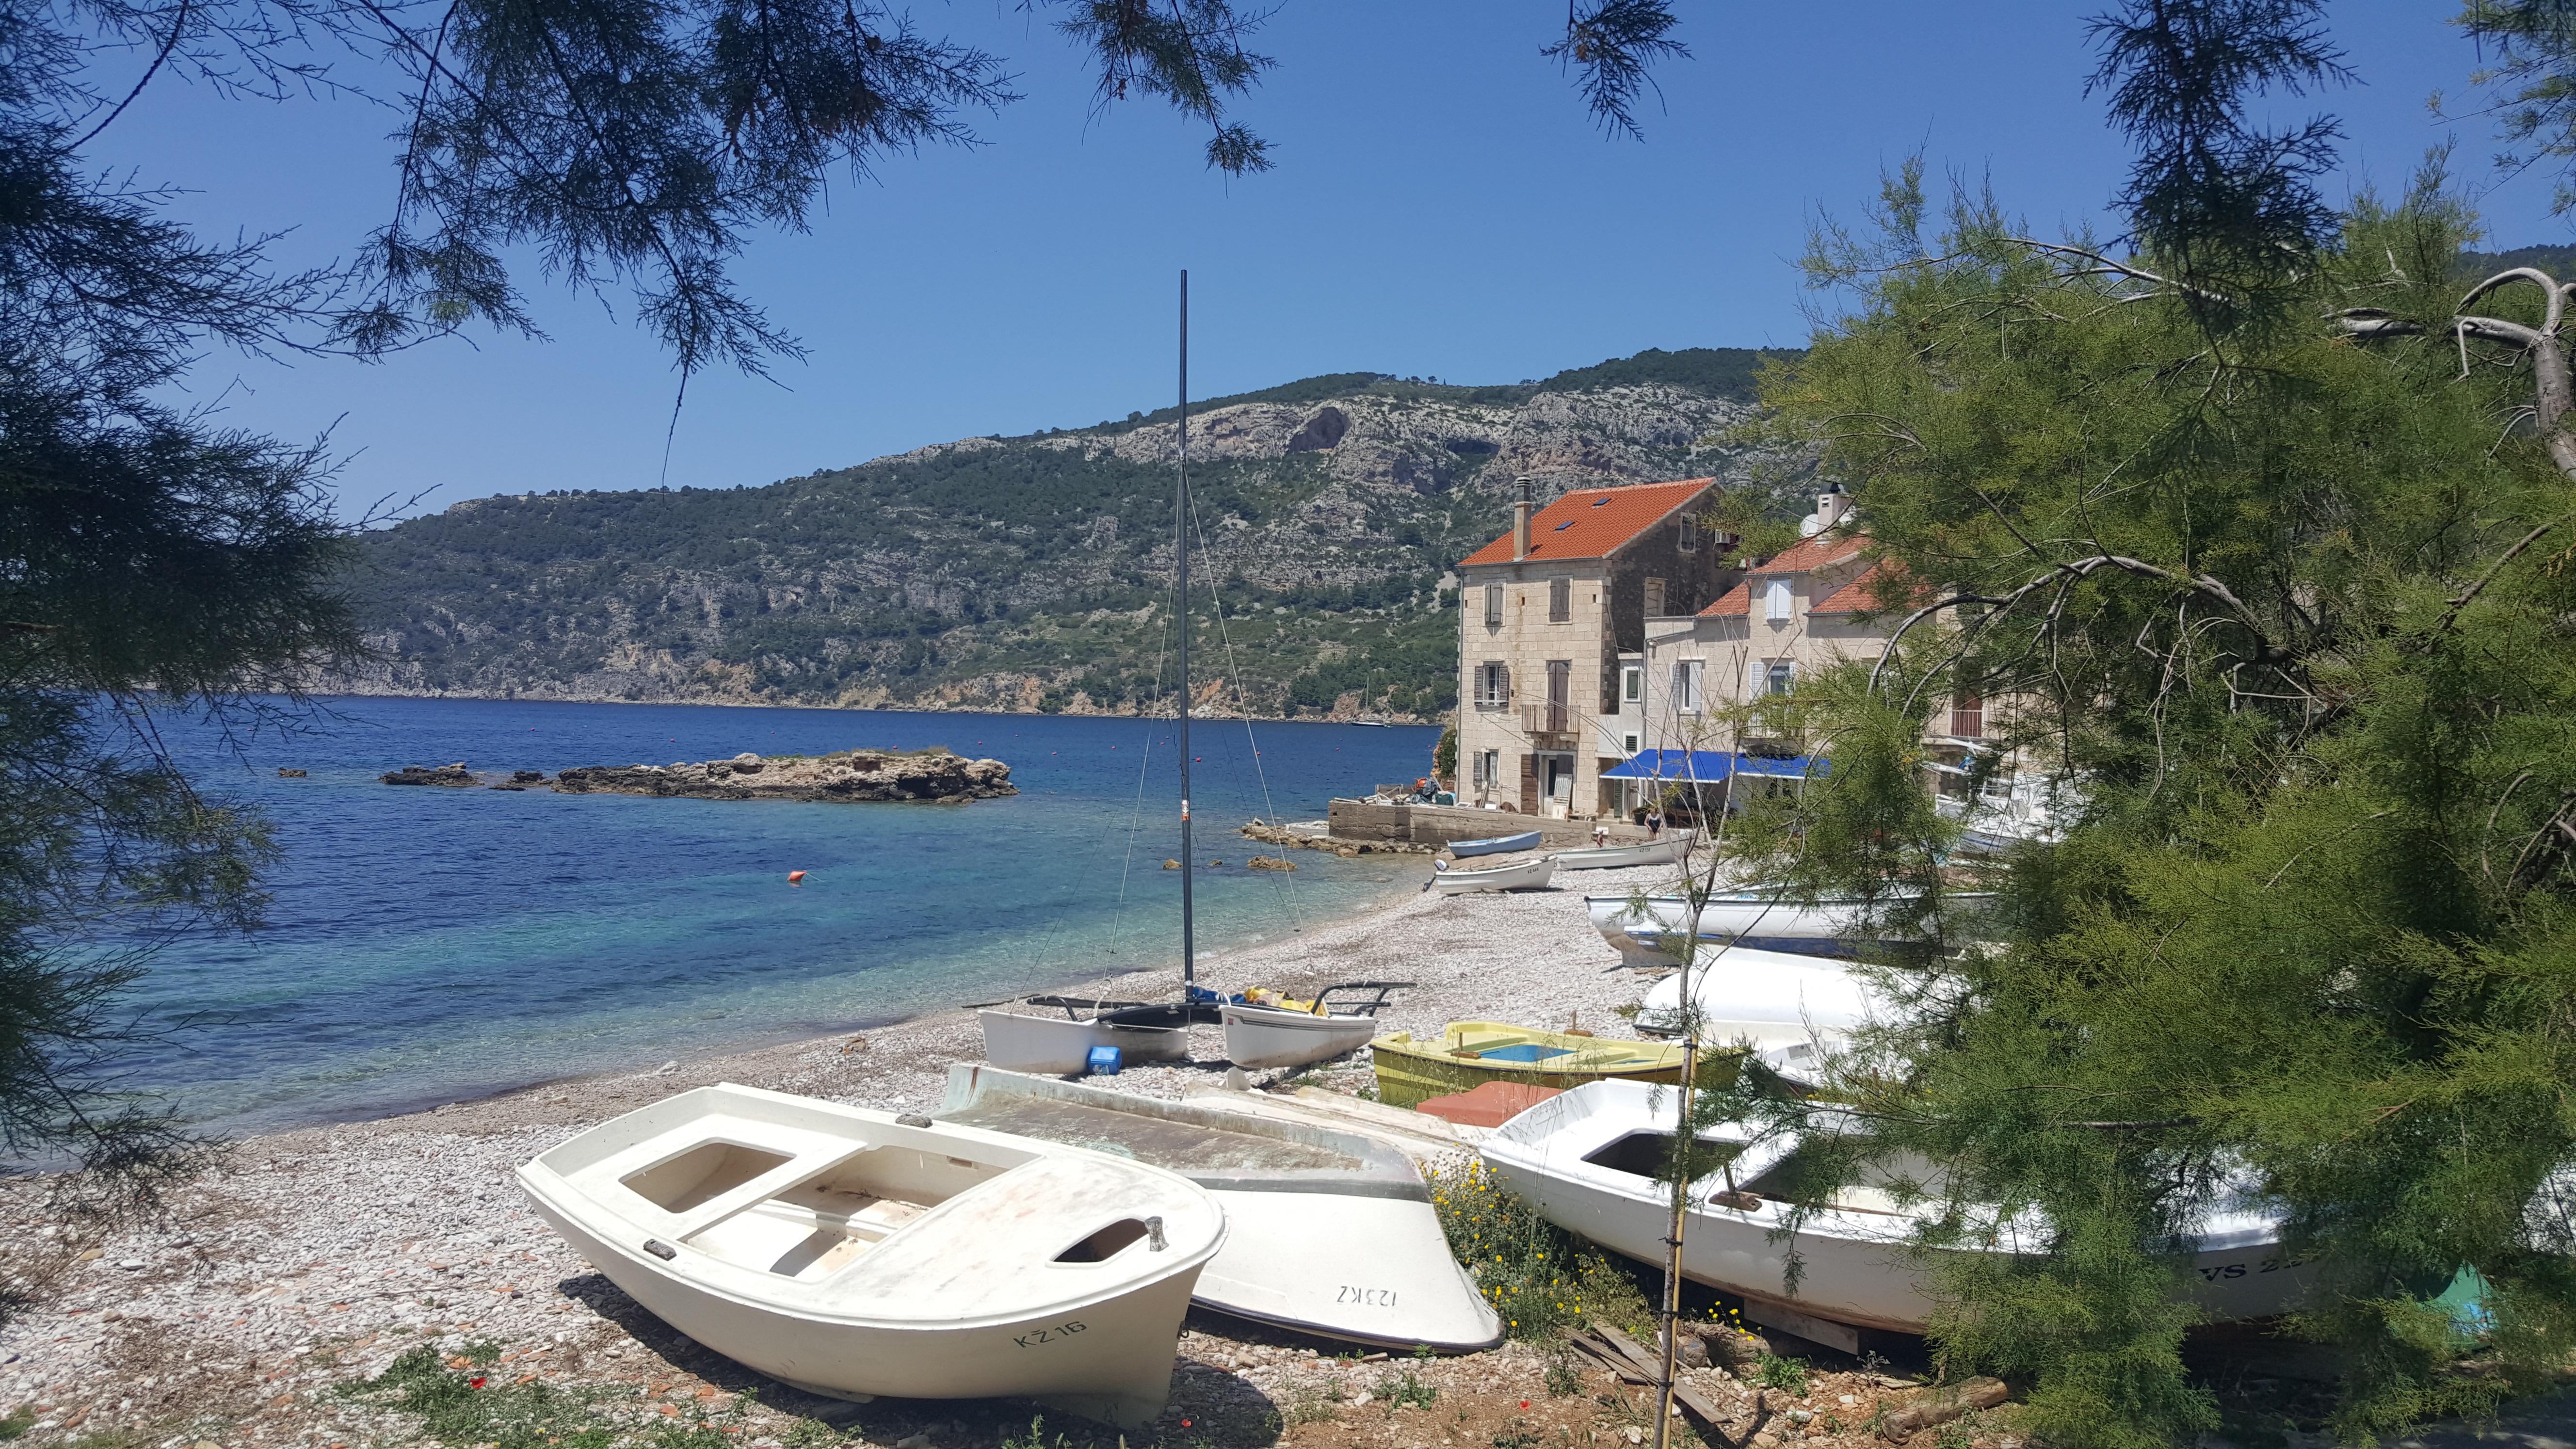 Vis, que ainda mantém o seu jeitinho low profile e tranquilo, foi o meu destino preferido na Croácia